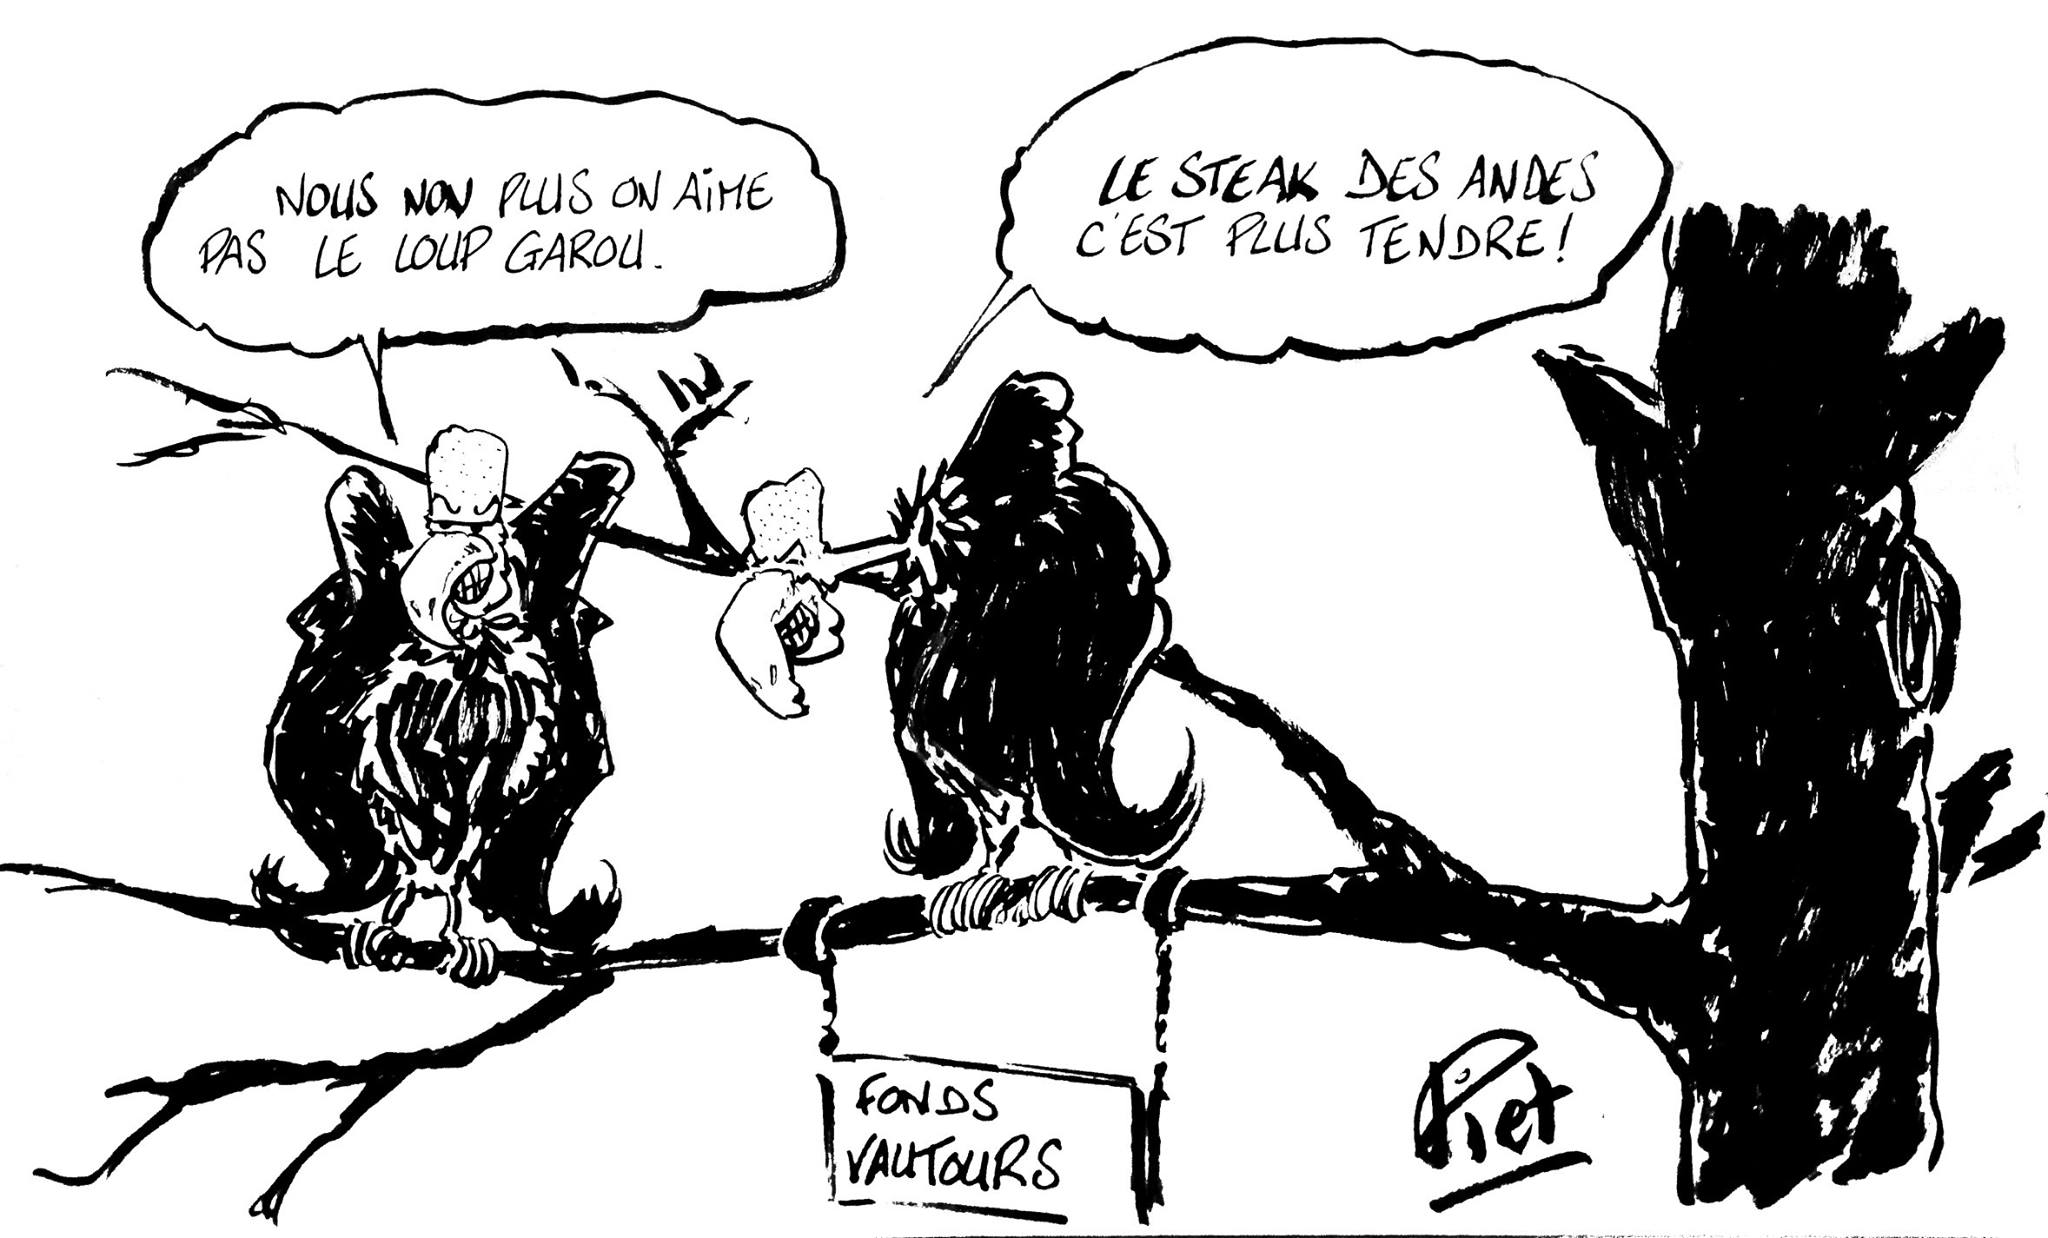 Dessin par Piet (Piet/8e étage)